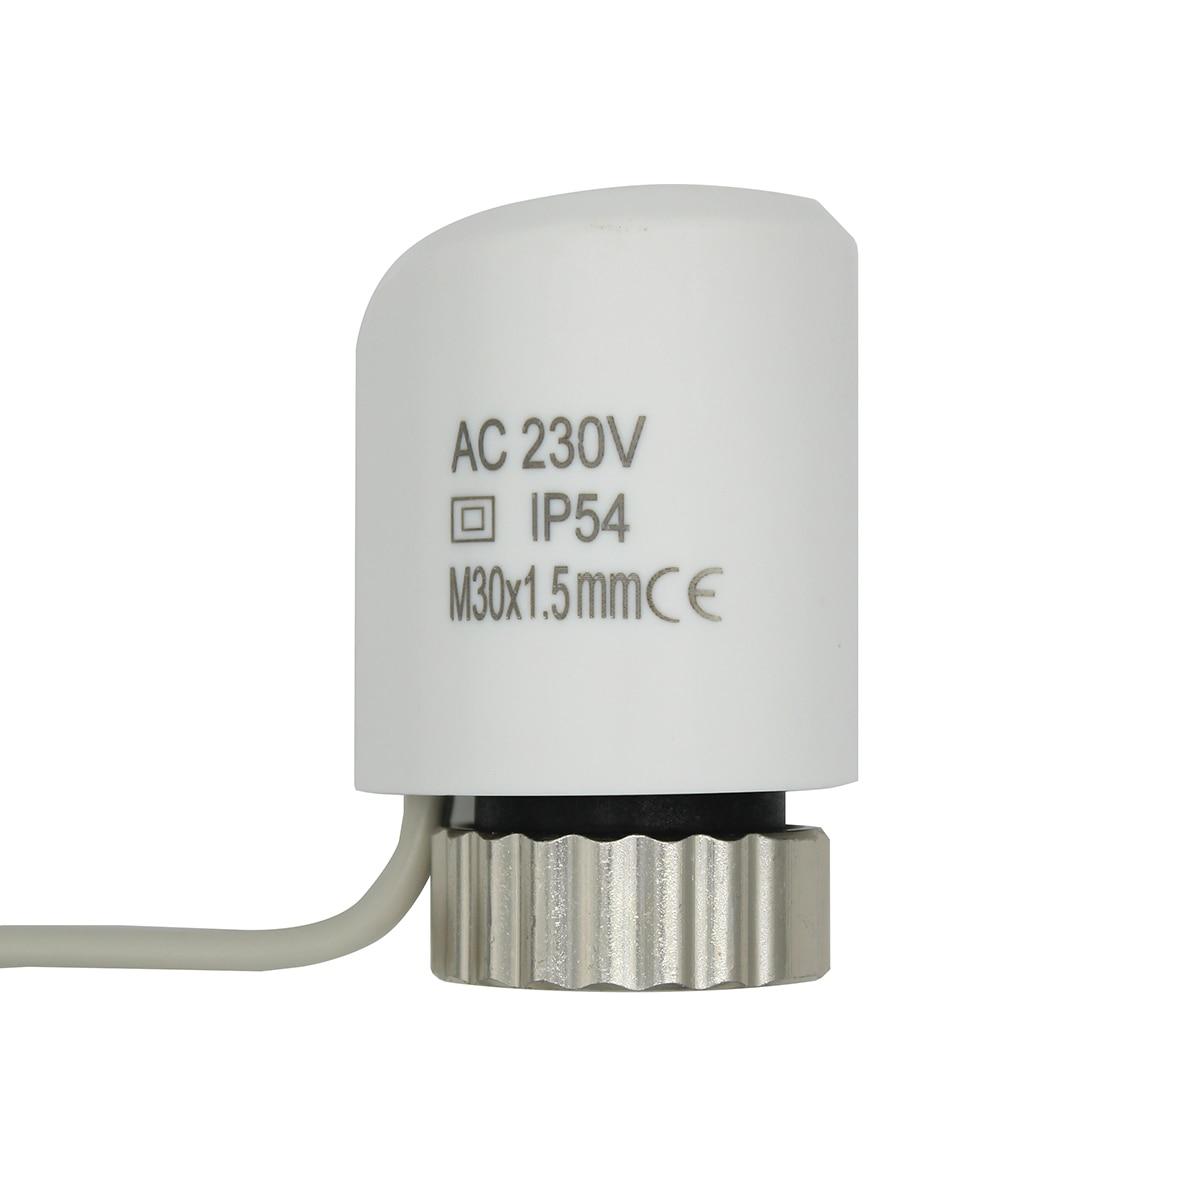 220 V NO NC elektrische thermische stellglied ventil kopf für thermostat verteiler fußbodenheizung kühler normalerweise geöffnet geschlossen